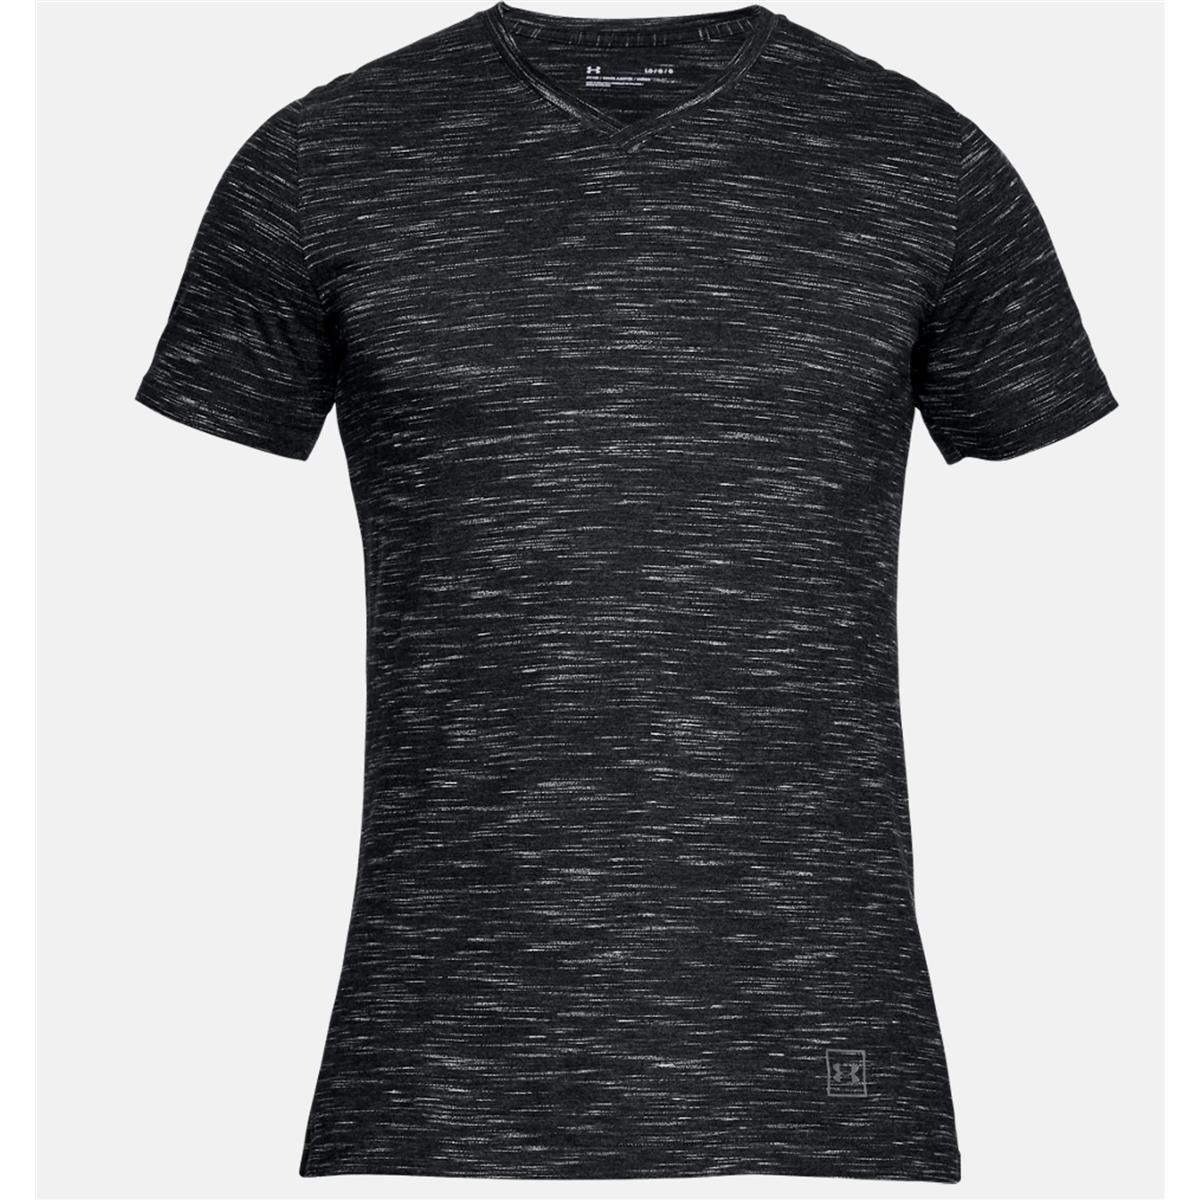 85e4f47fa8b76 Camiseta Under Armour Gola V Sportstyle Core Neck - Preto e Cinza - Compre  Agora